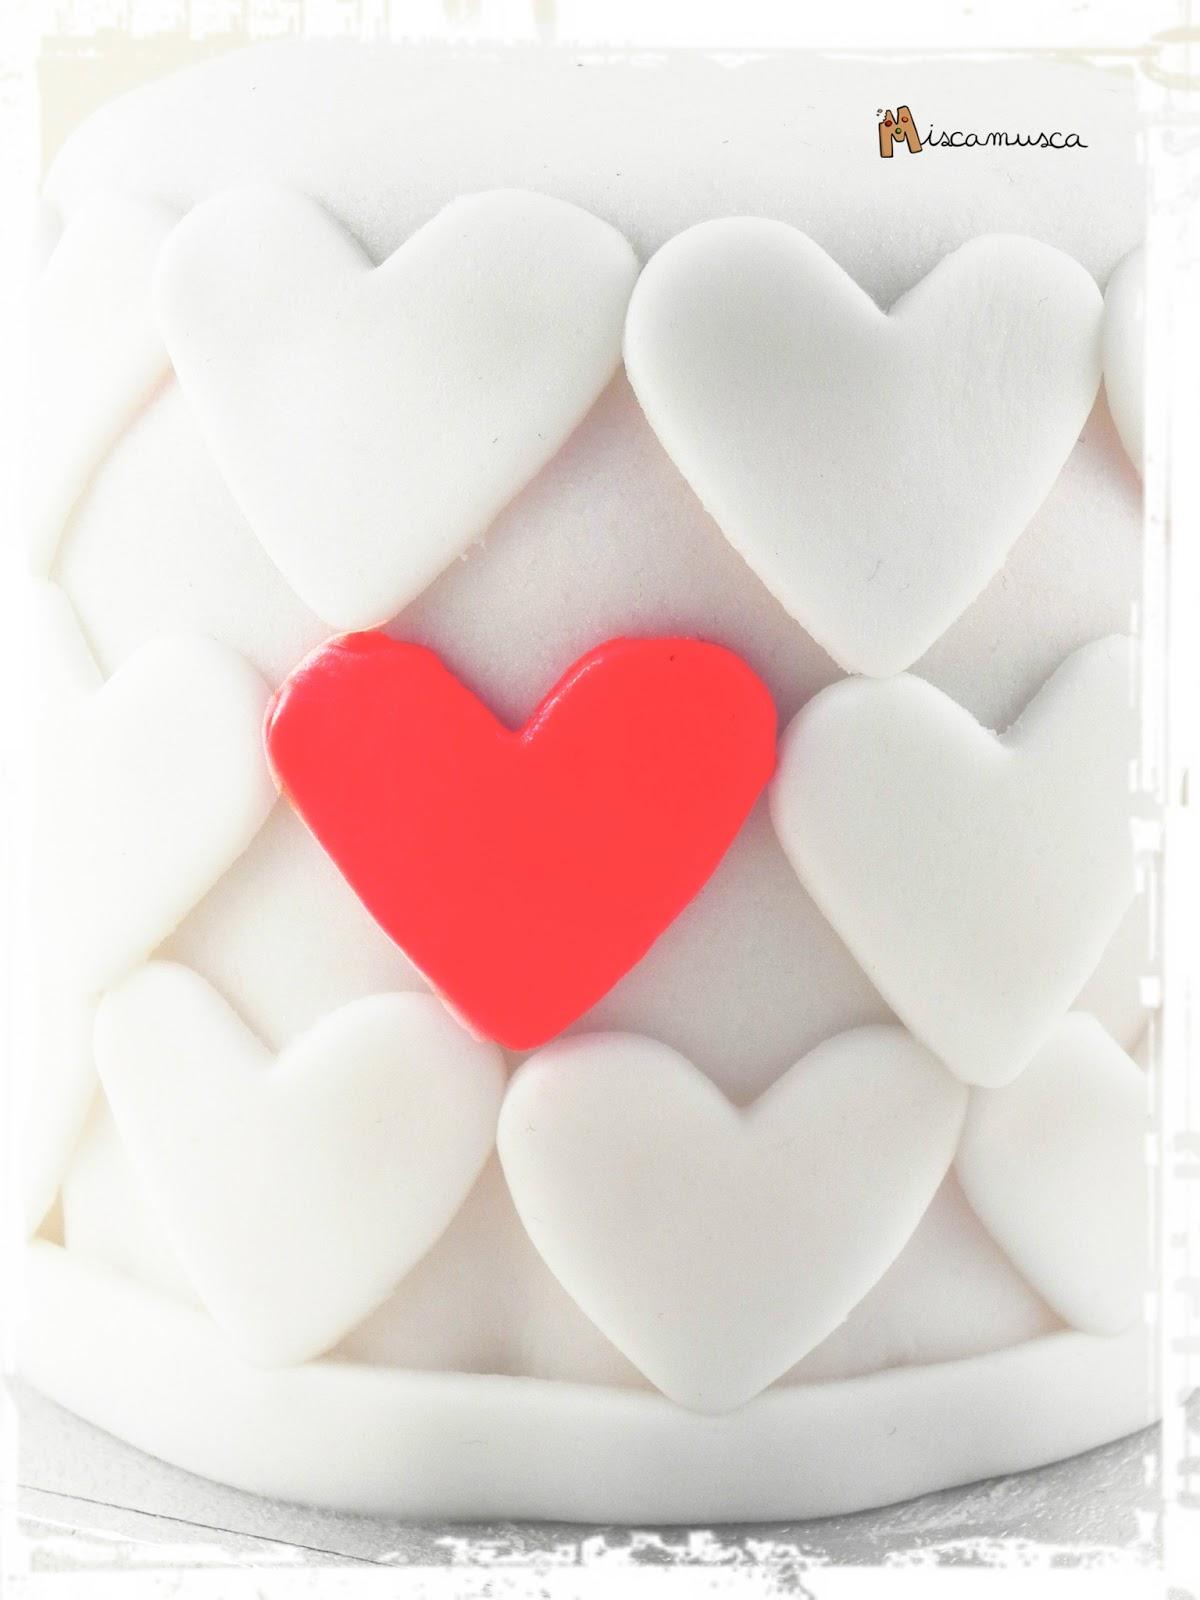 Pastel San Valentín fondant